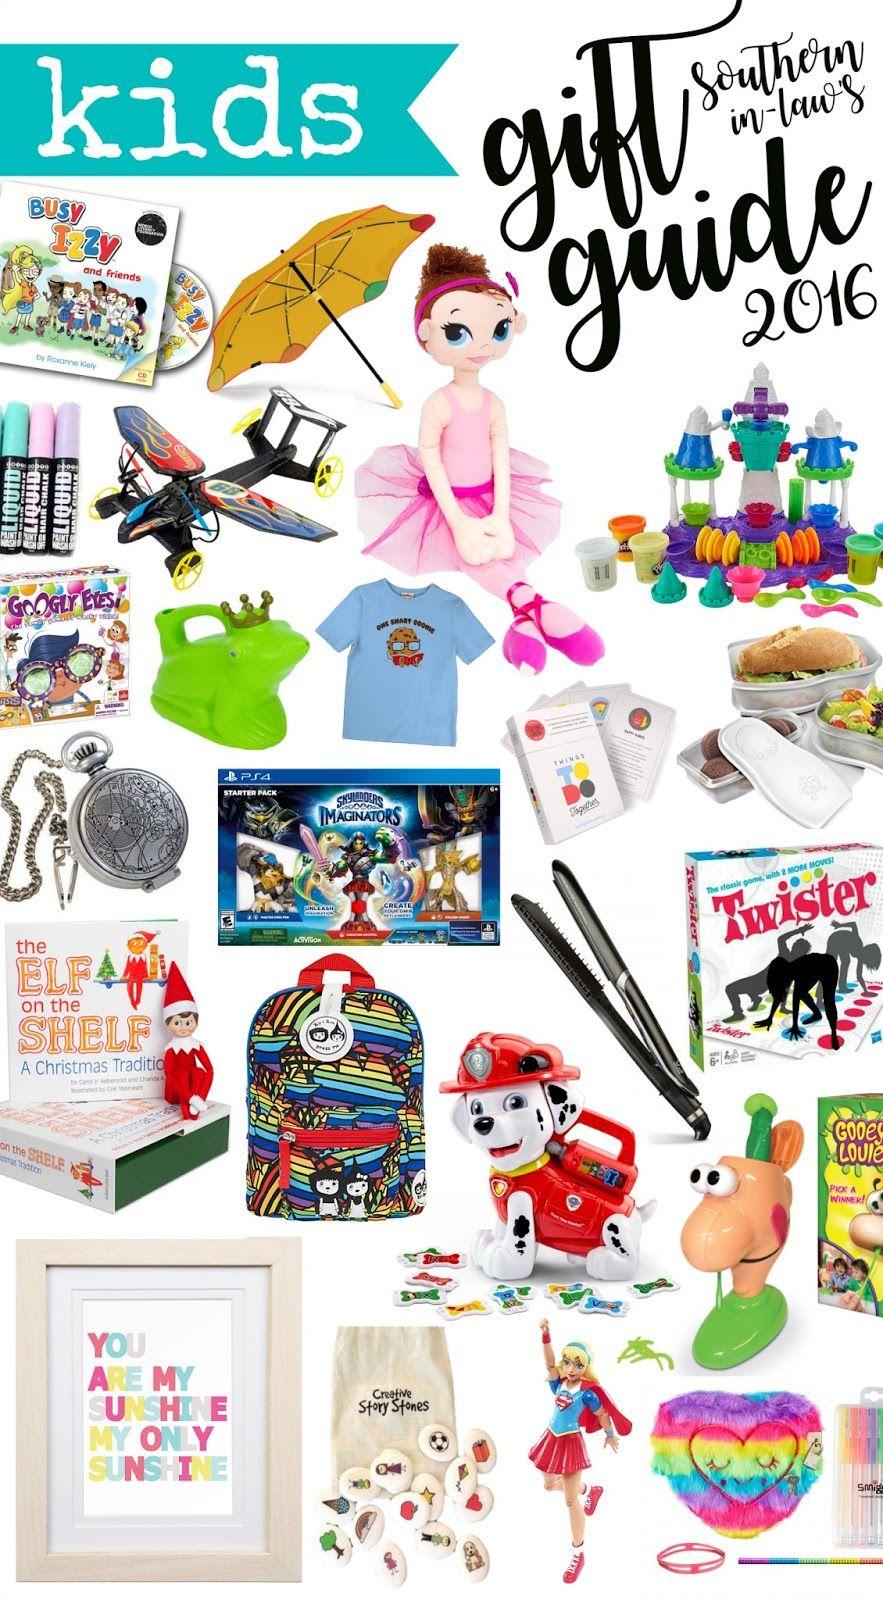 2016 Kids Christmas Gift Guide | Santa\'s List | Pinterest ...